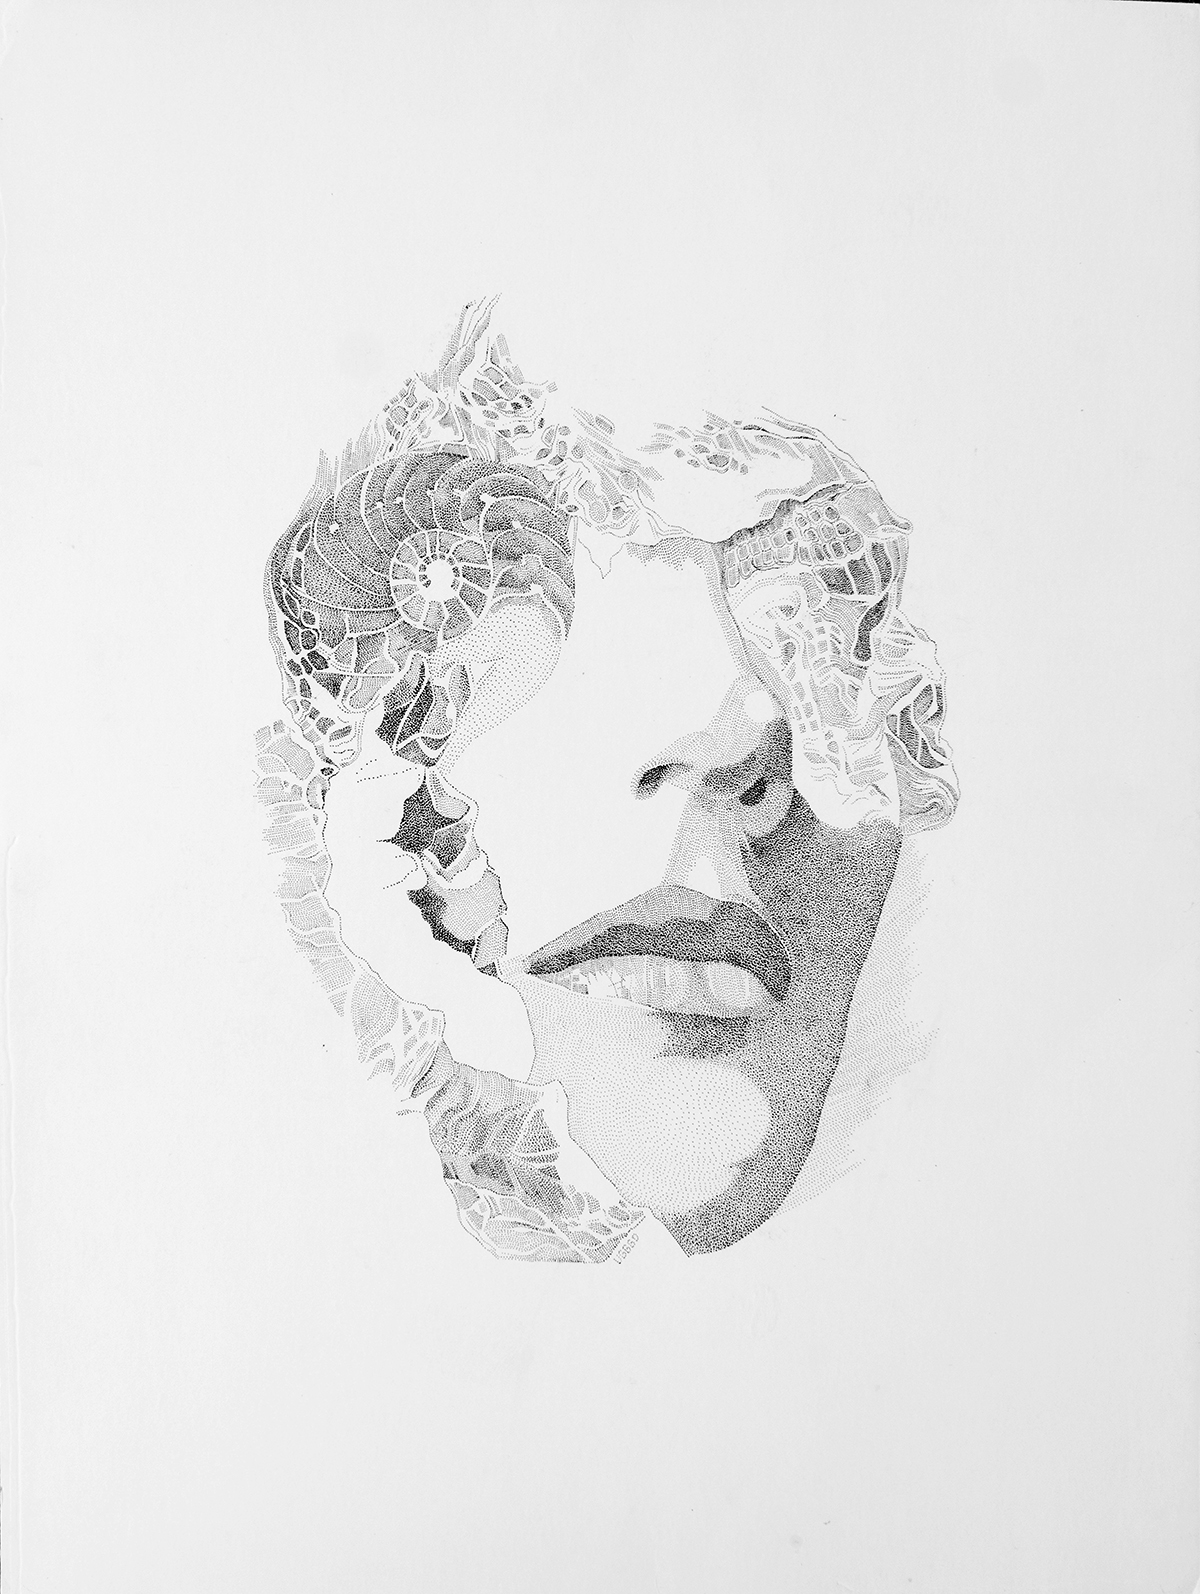 Nautilus, 40x30 cm, tinta sobre papel, 2012, $500 (impresión en papel couché, 17x11 pulgadas) (1).jpg